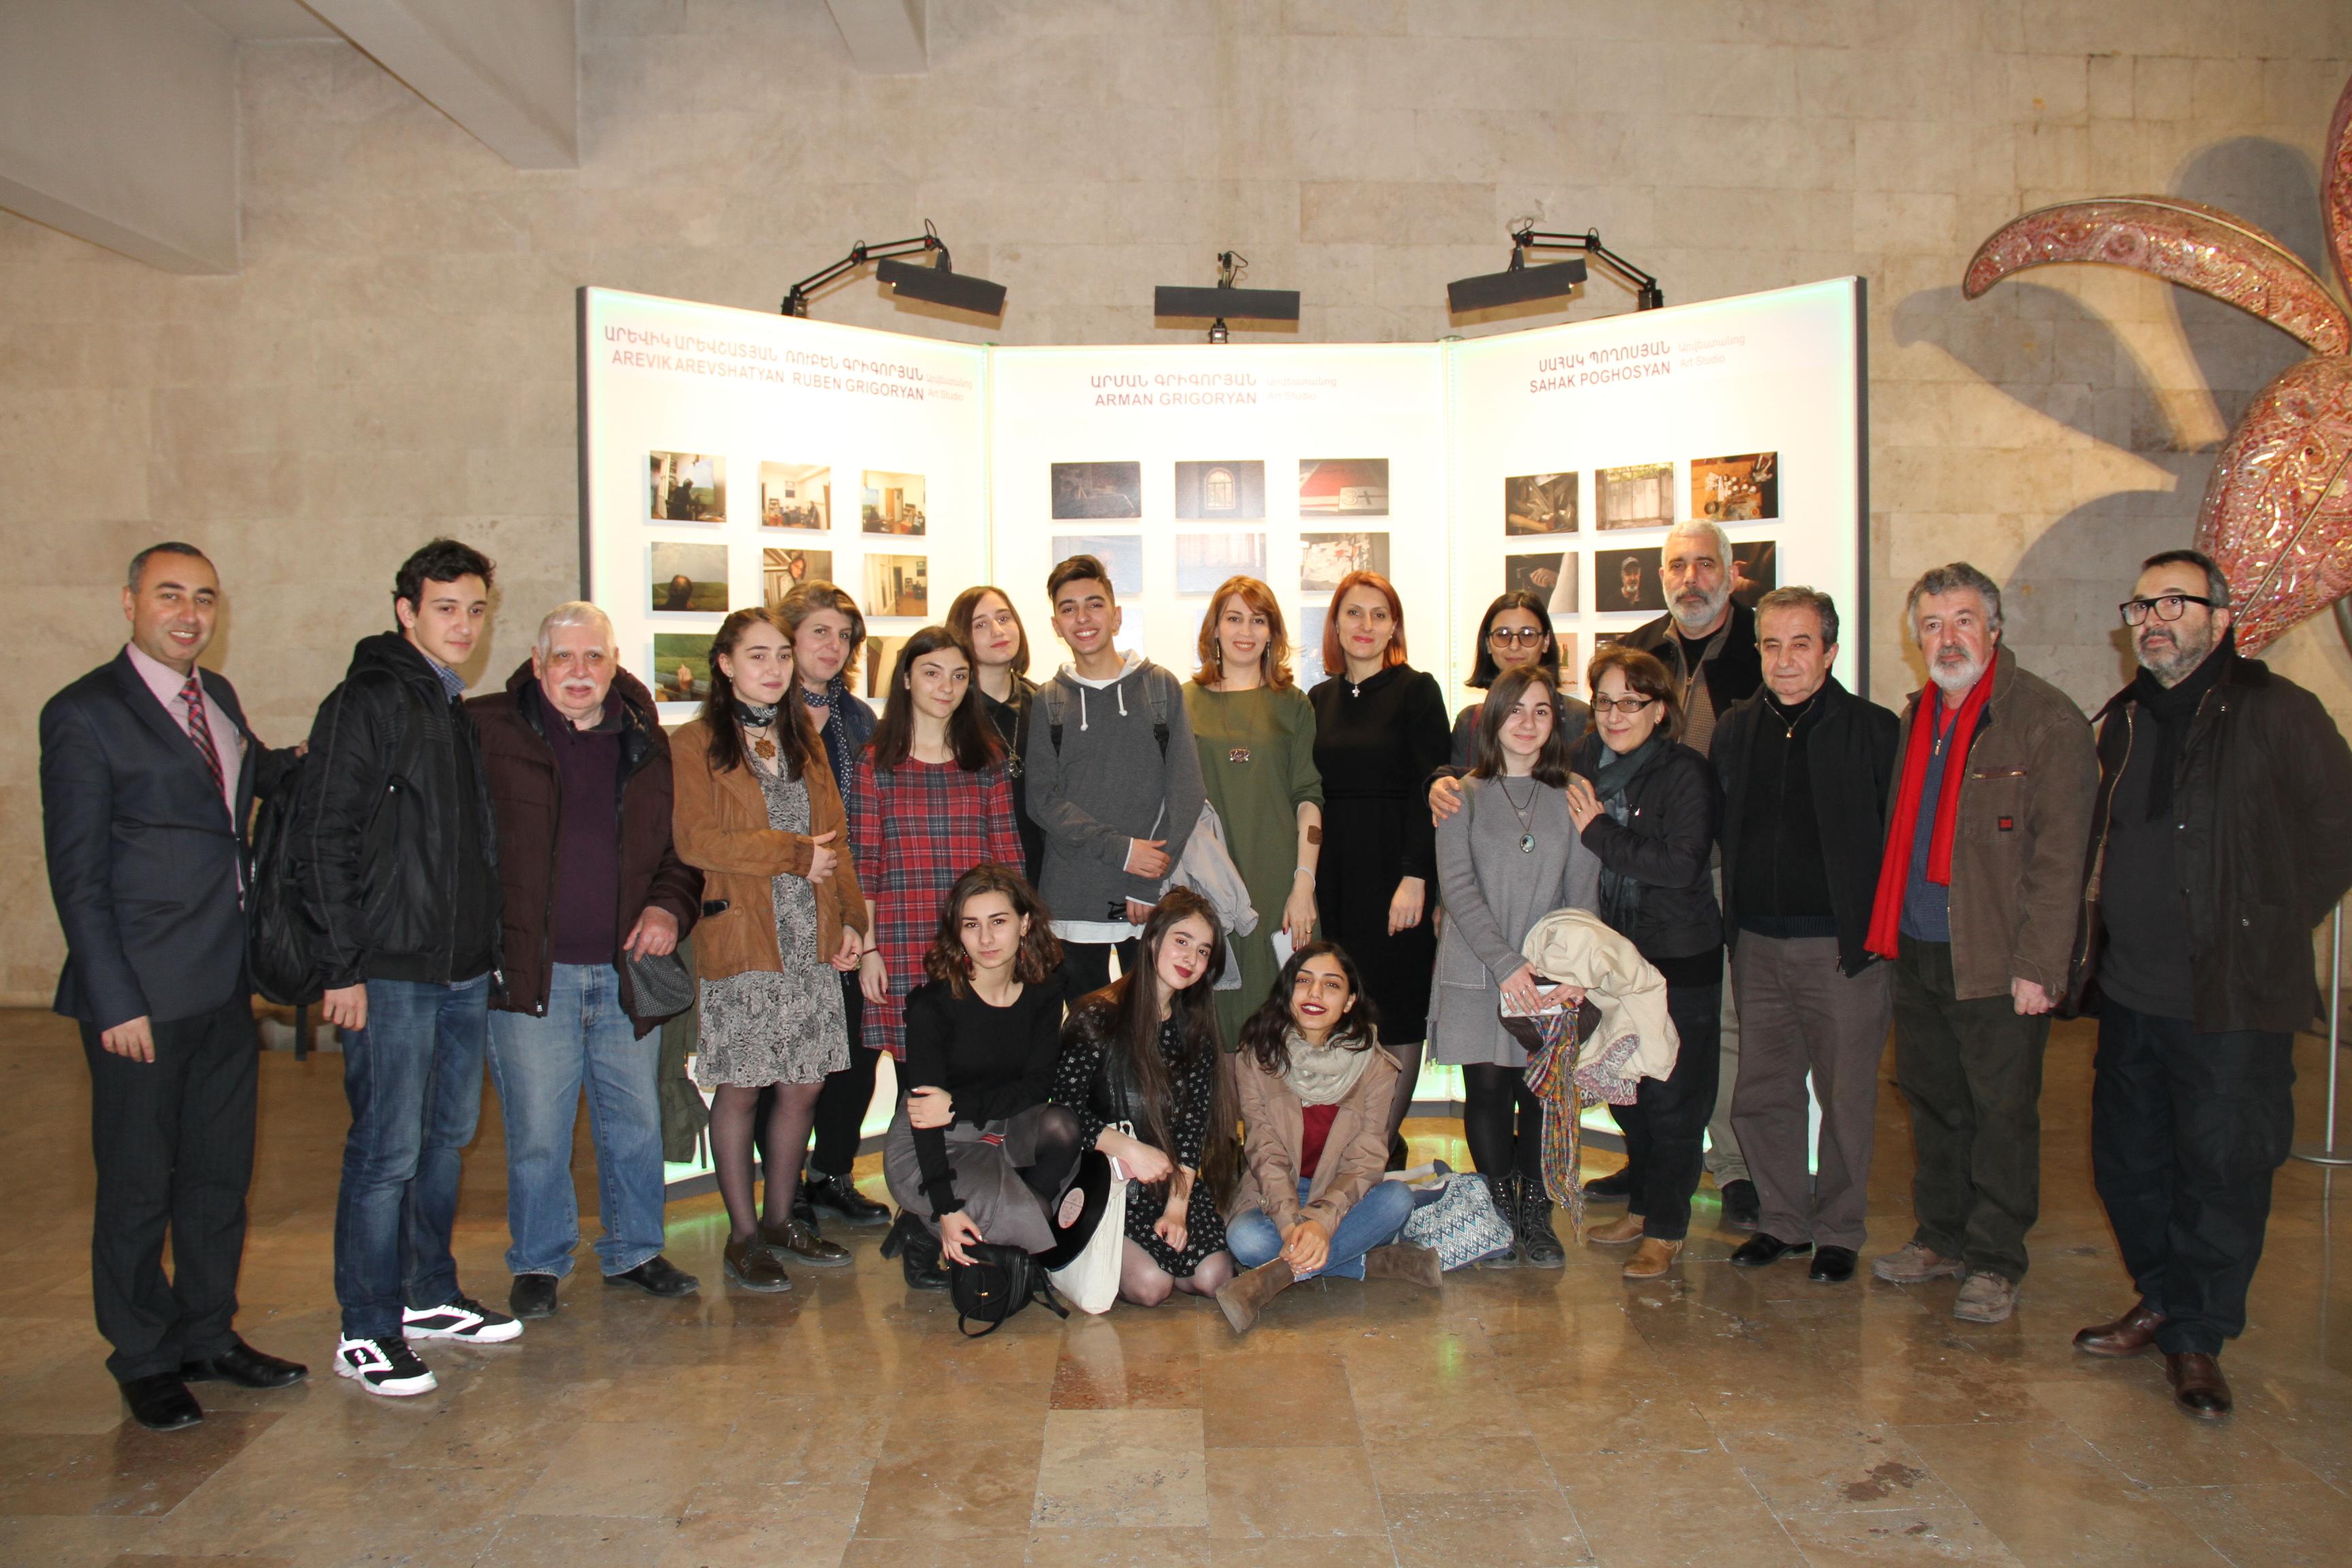 Beeline. Գաֆէսճեան արվեստի կենտրոնում բացվեց «ԱՐՎԵՍՏԱՆՈՑ» նախագիծ-ցուցադրությունը